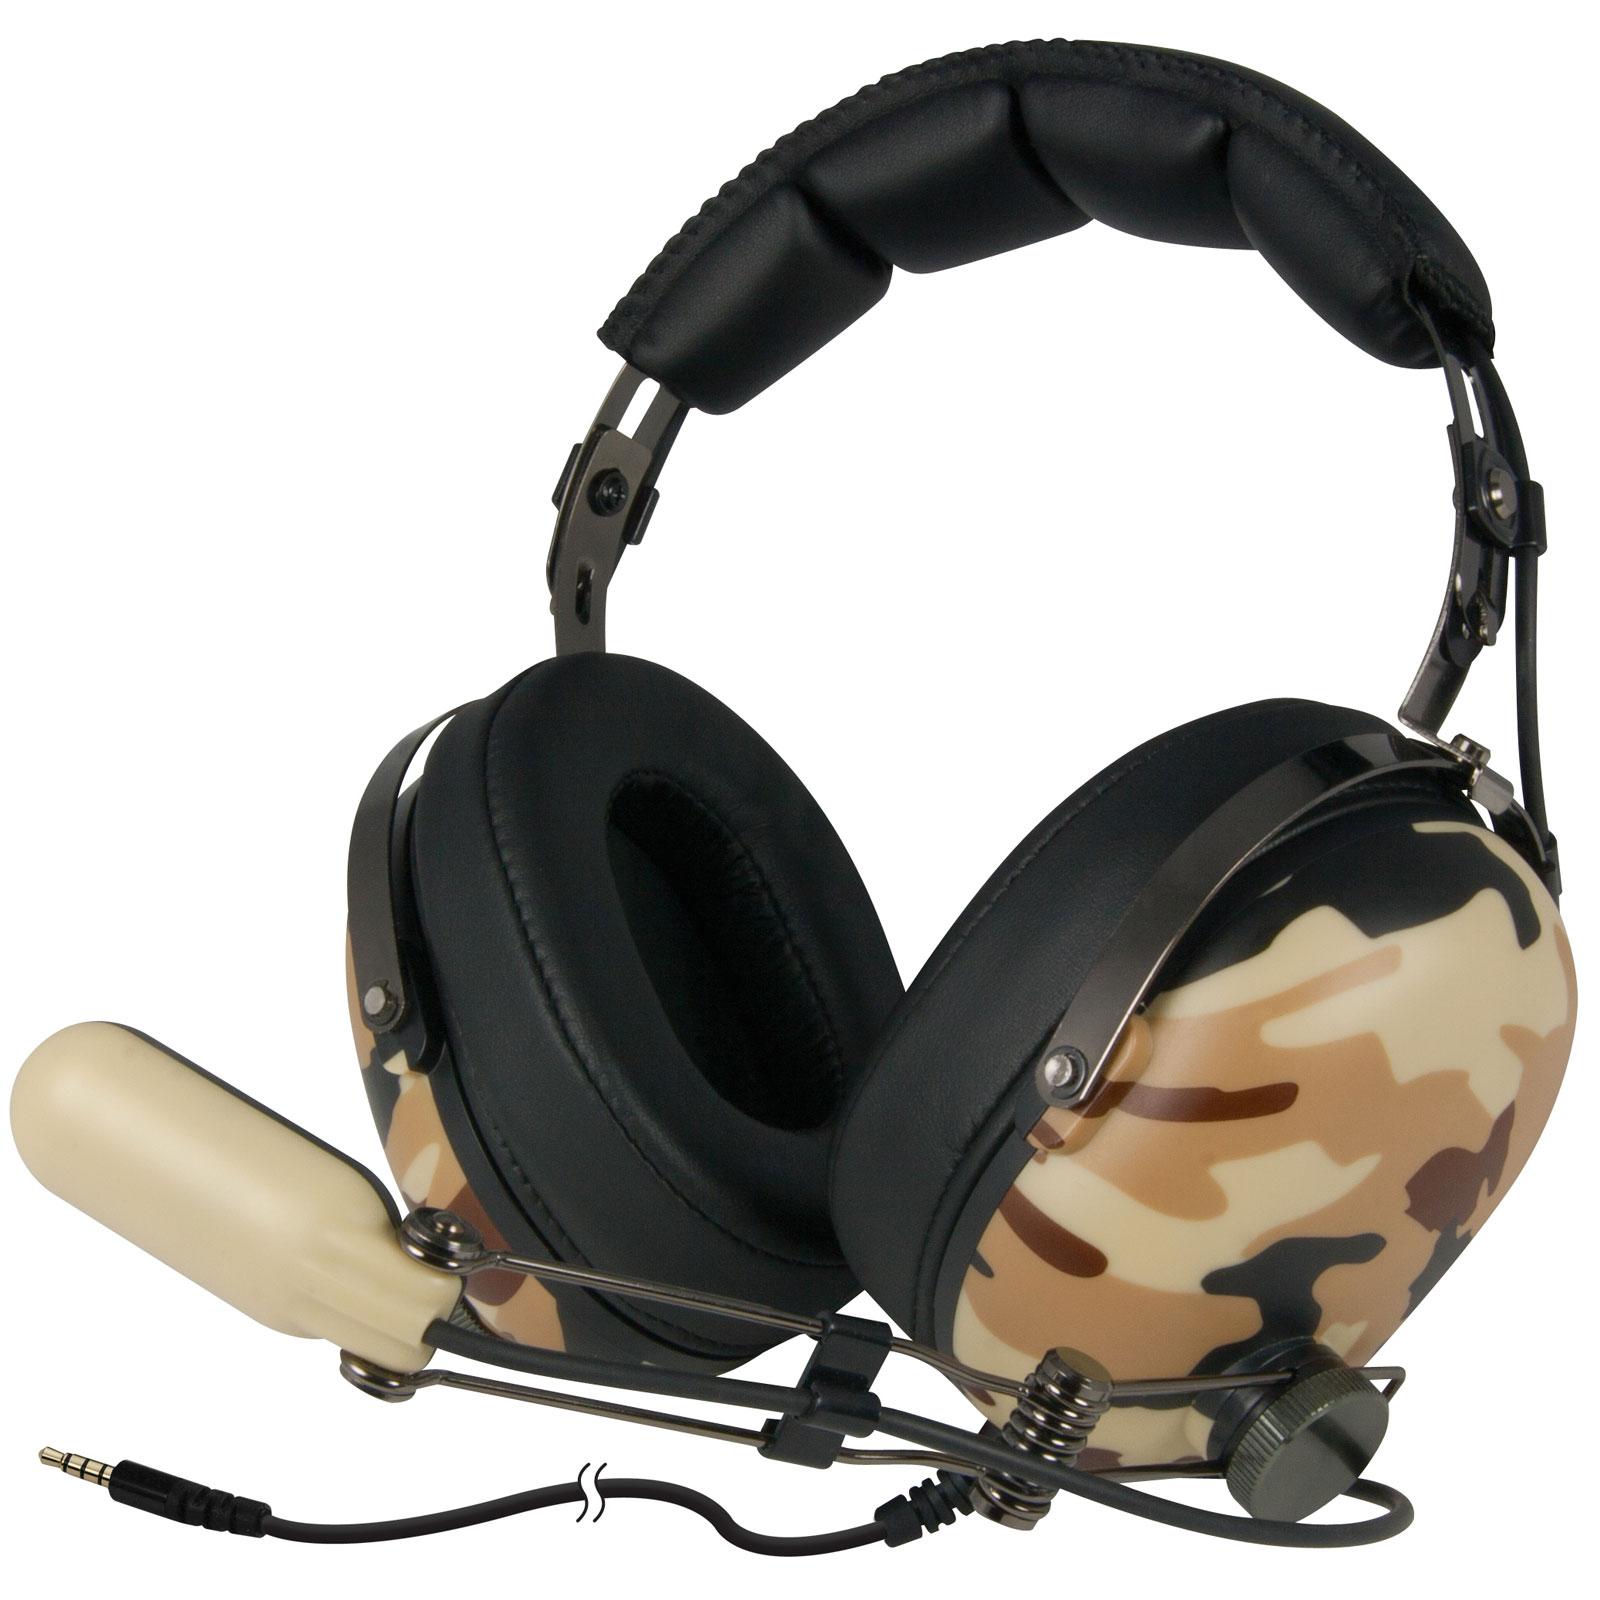 arctic p533 military micro casque arctic sur. Black Bedroom Furniture Sets. Home Design Ideas